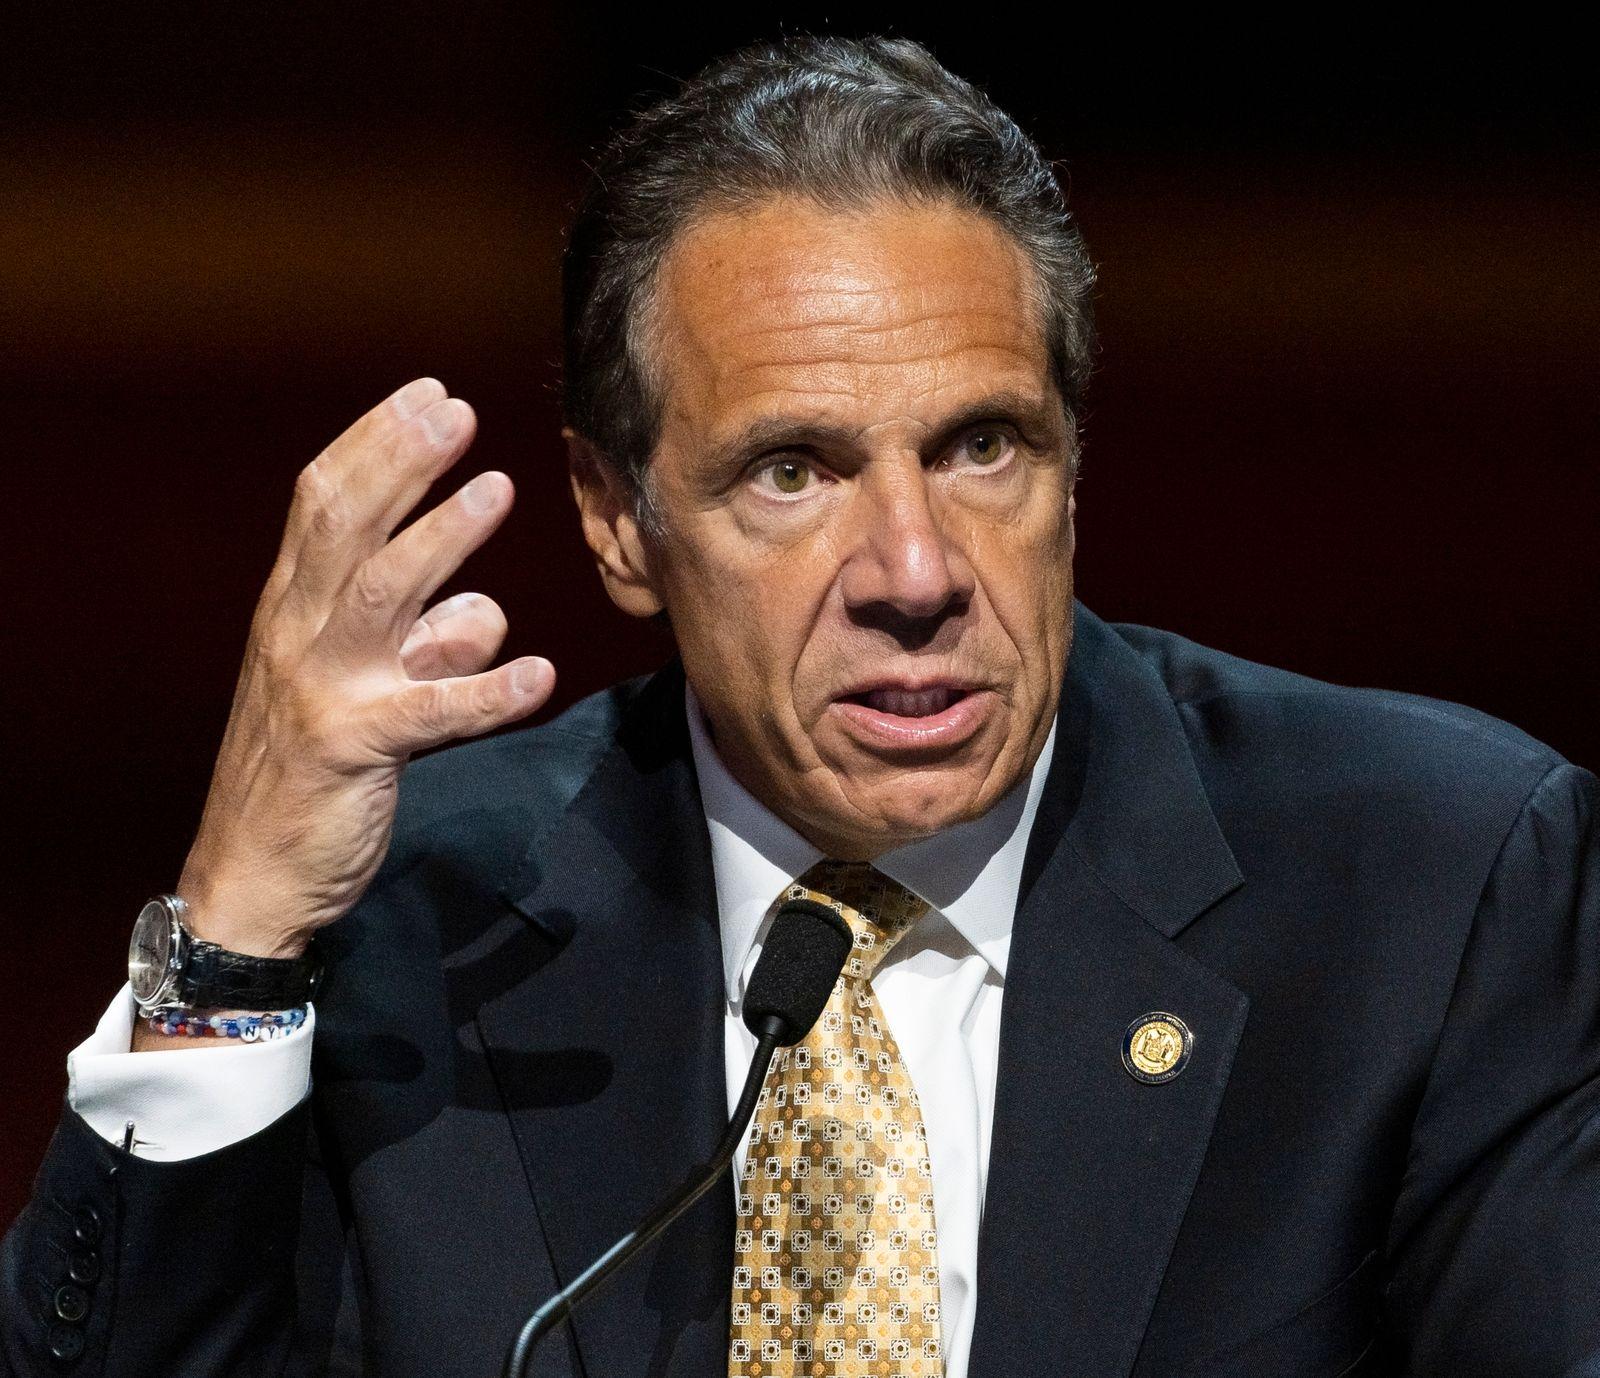 New York Governor Andrew Cuomo announces resignation